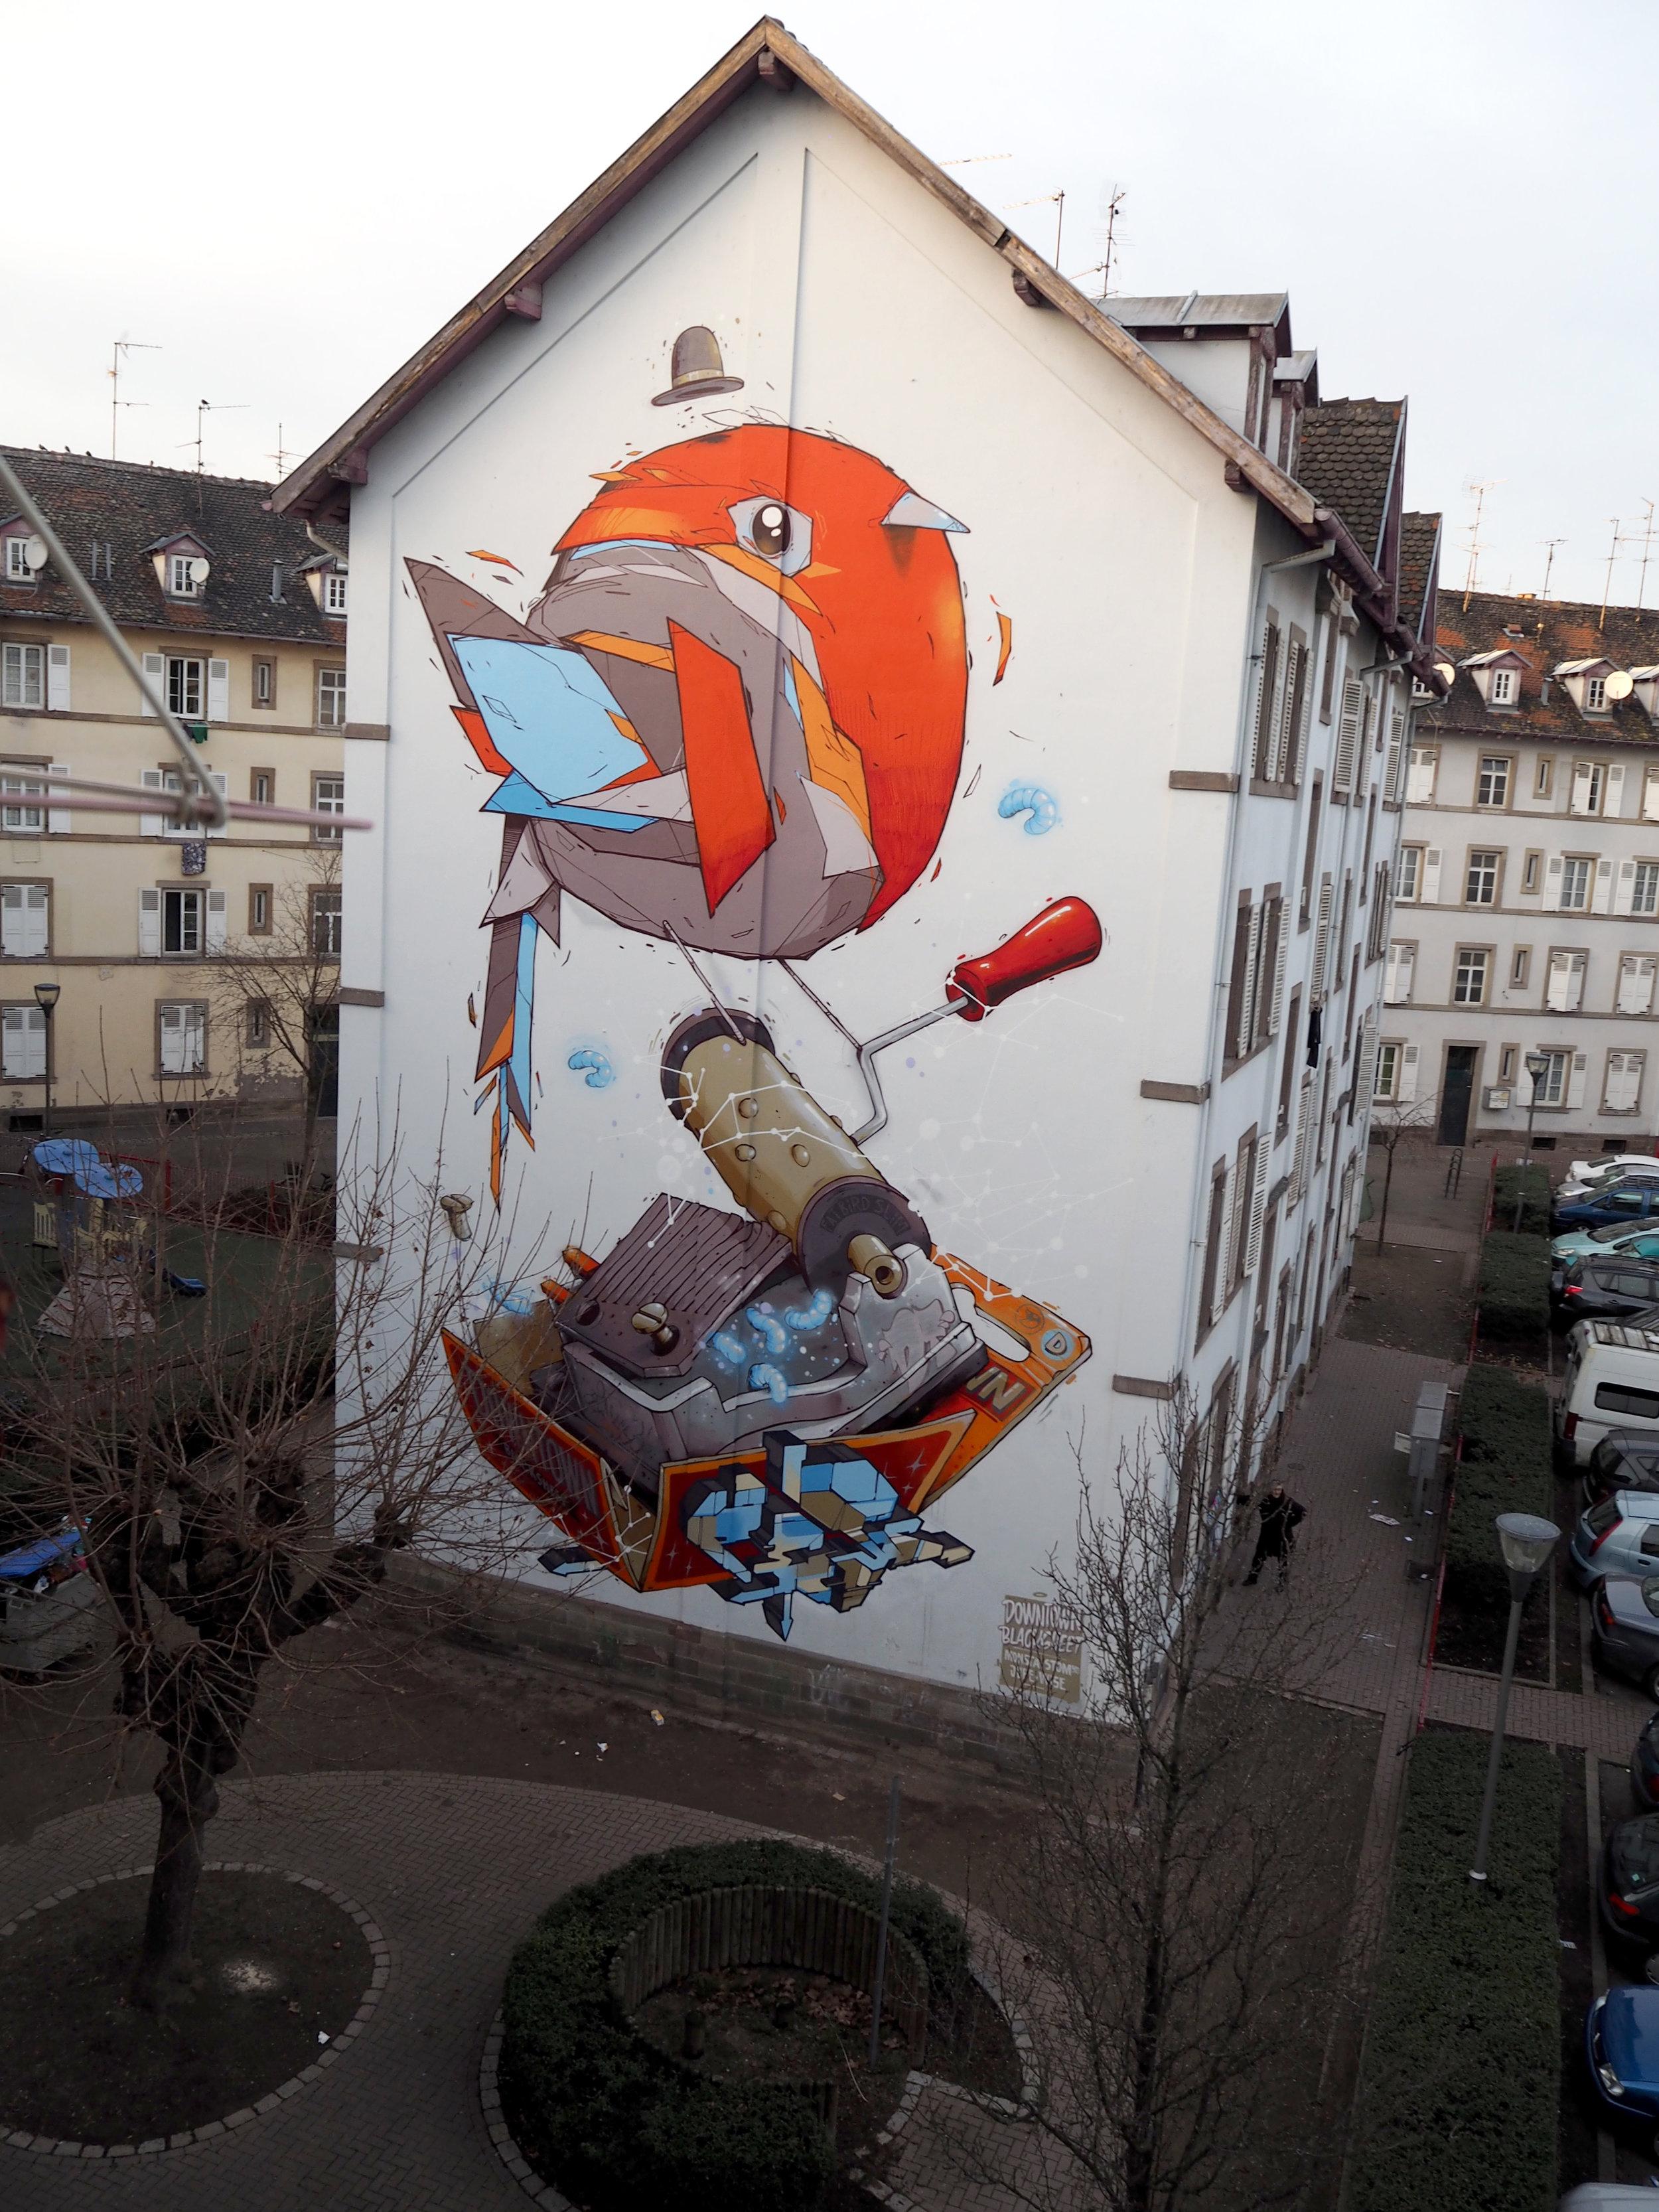 Strasbourg - Cours de Mutzig - Oiseau (Monsta) Boîte à musique (Stom500) Lettres (Jupe x Wise) - 2015